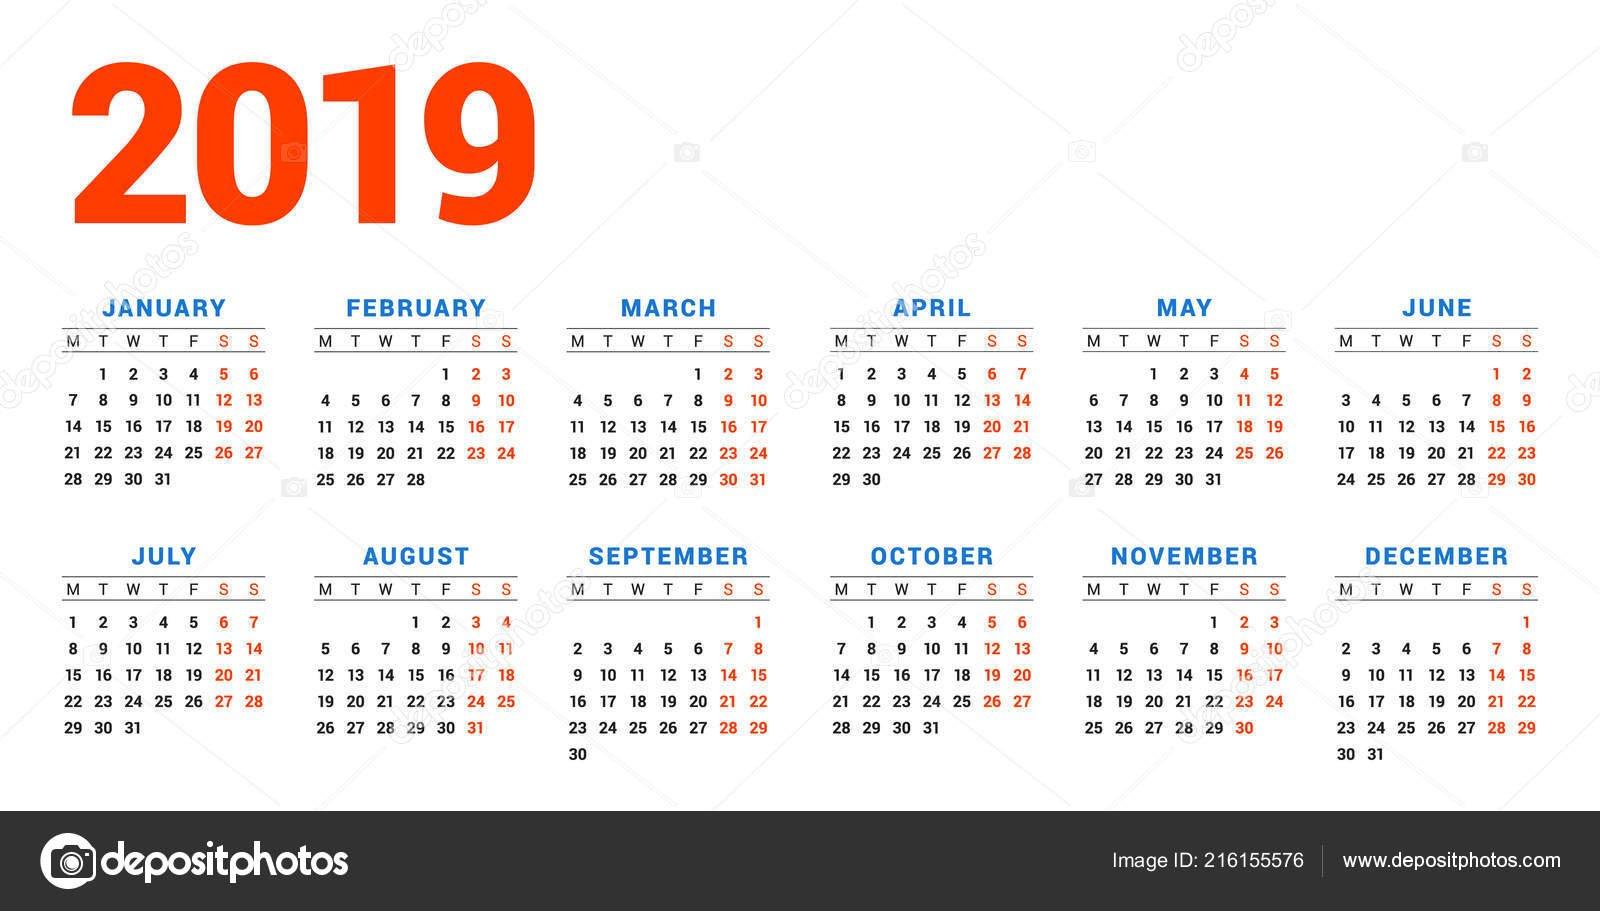 Календарь 2019 Год Белом Фоне Неделя Начинается Понедельник Колонок Calendar En 8 2019